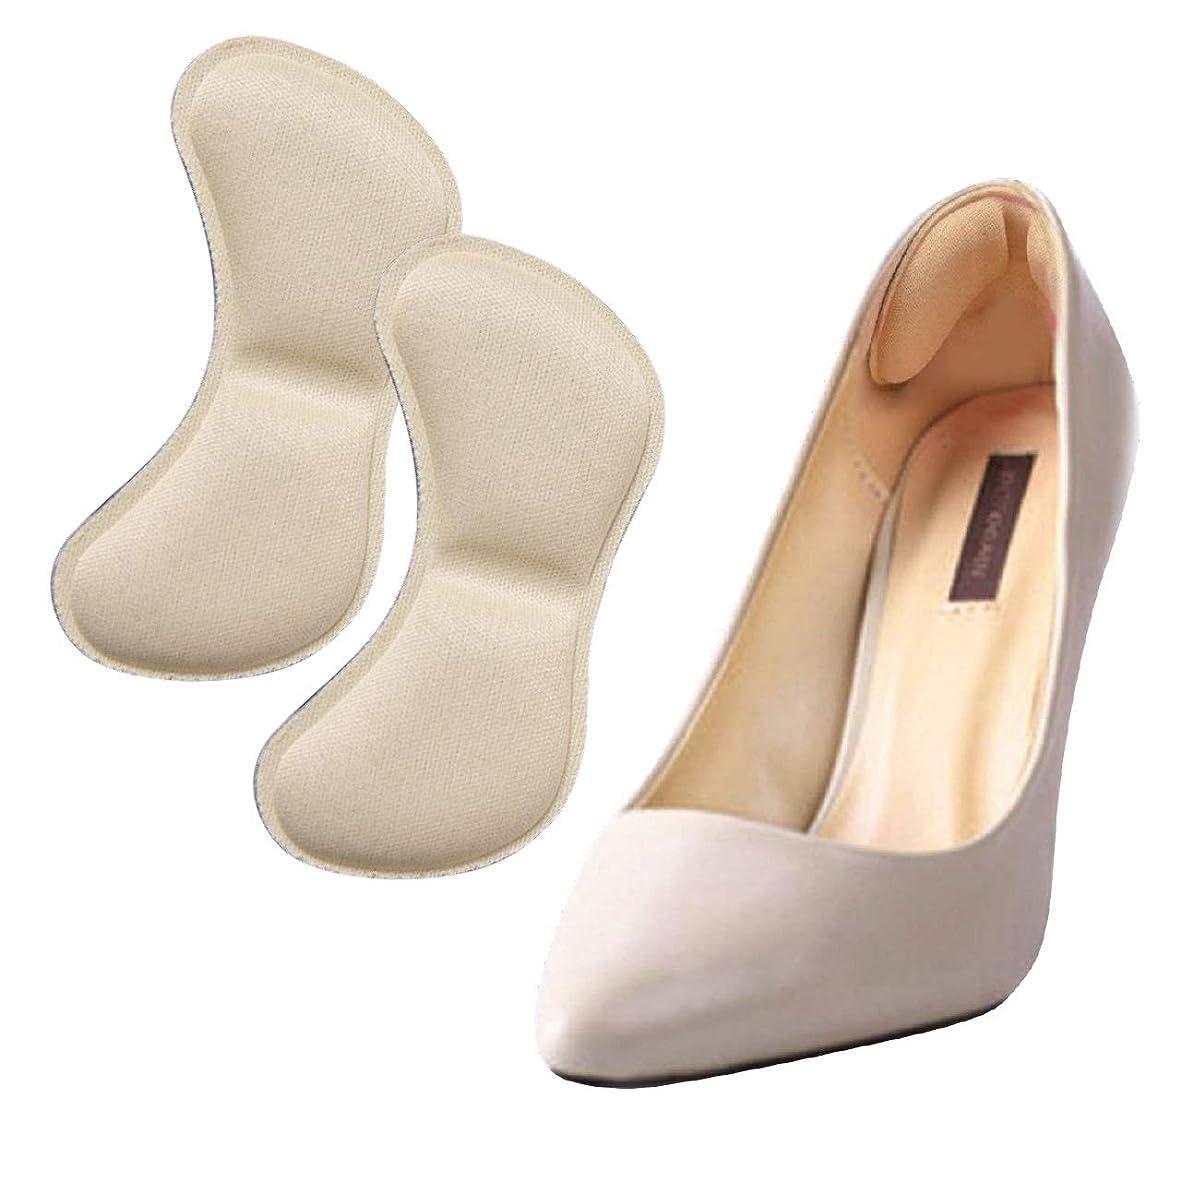 最小化するムスエレベーターsac taske かかとパッド レディース 靴ずれ 防止 パッド かかと 足用 ヒール 保護 10足 (ベージュ 10足セット)